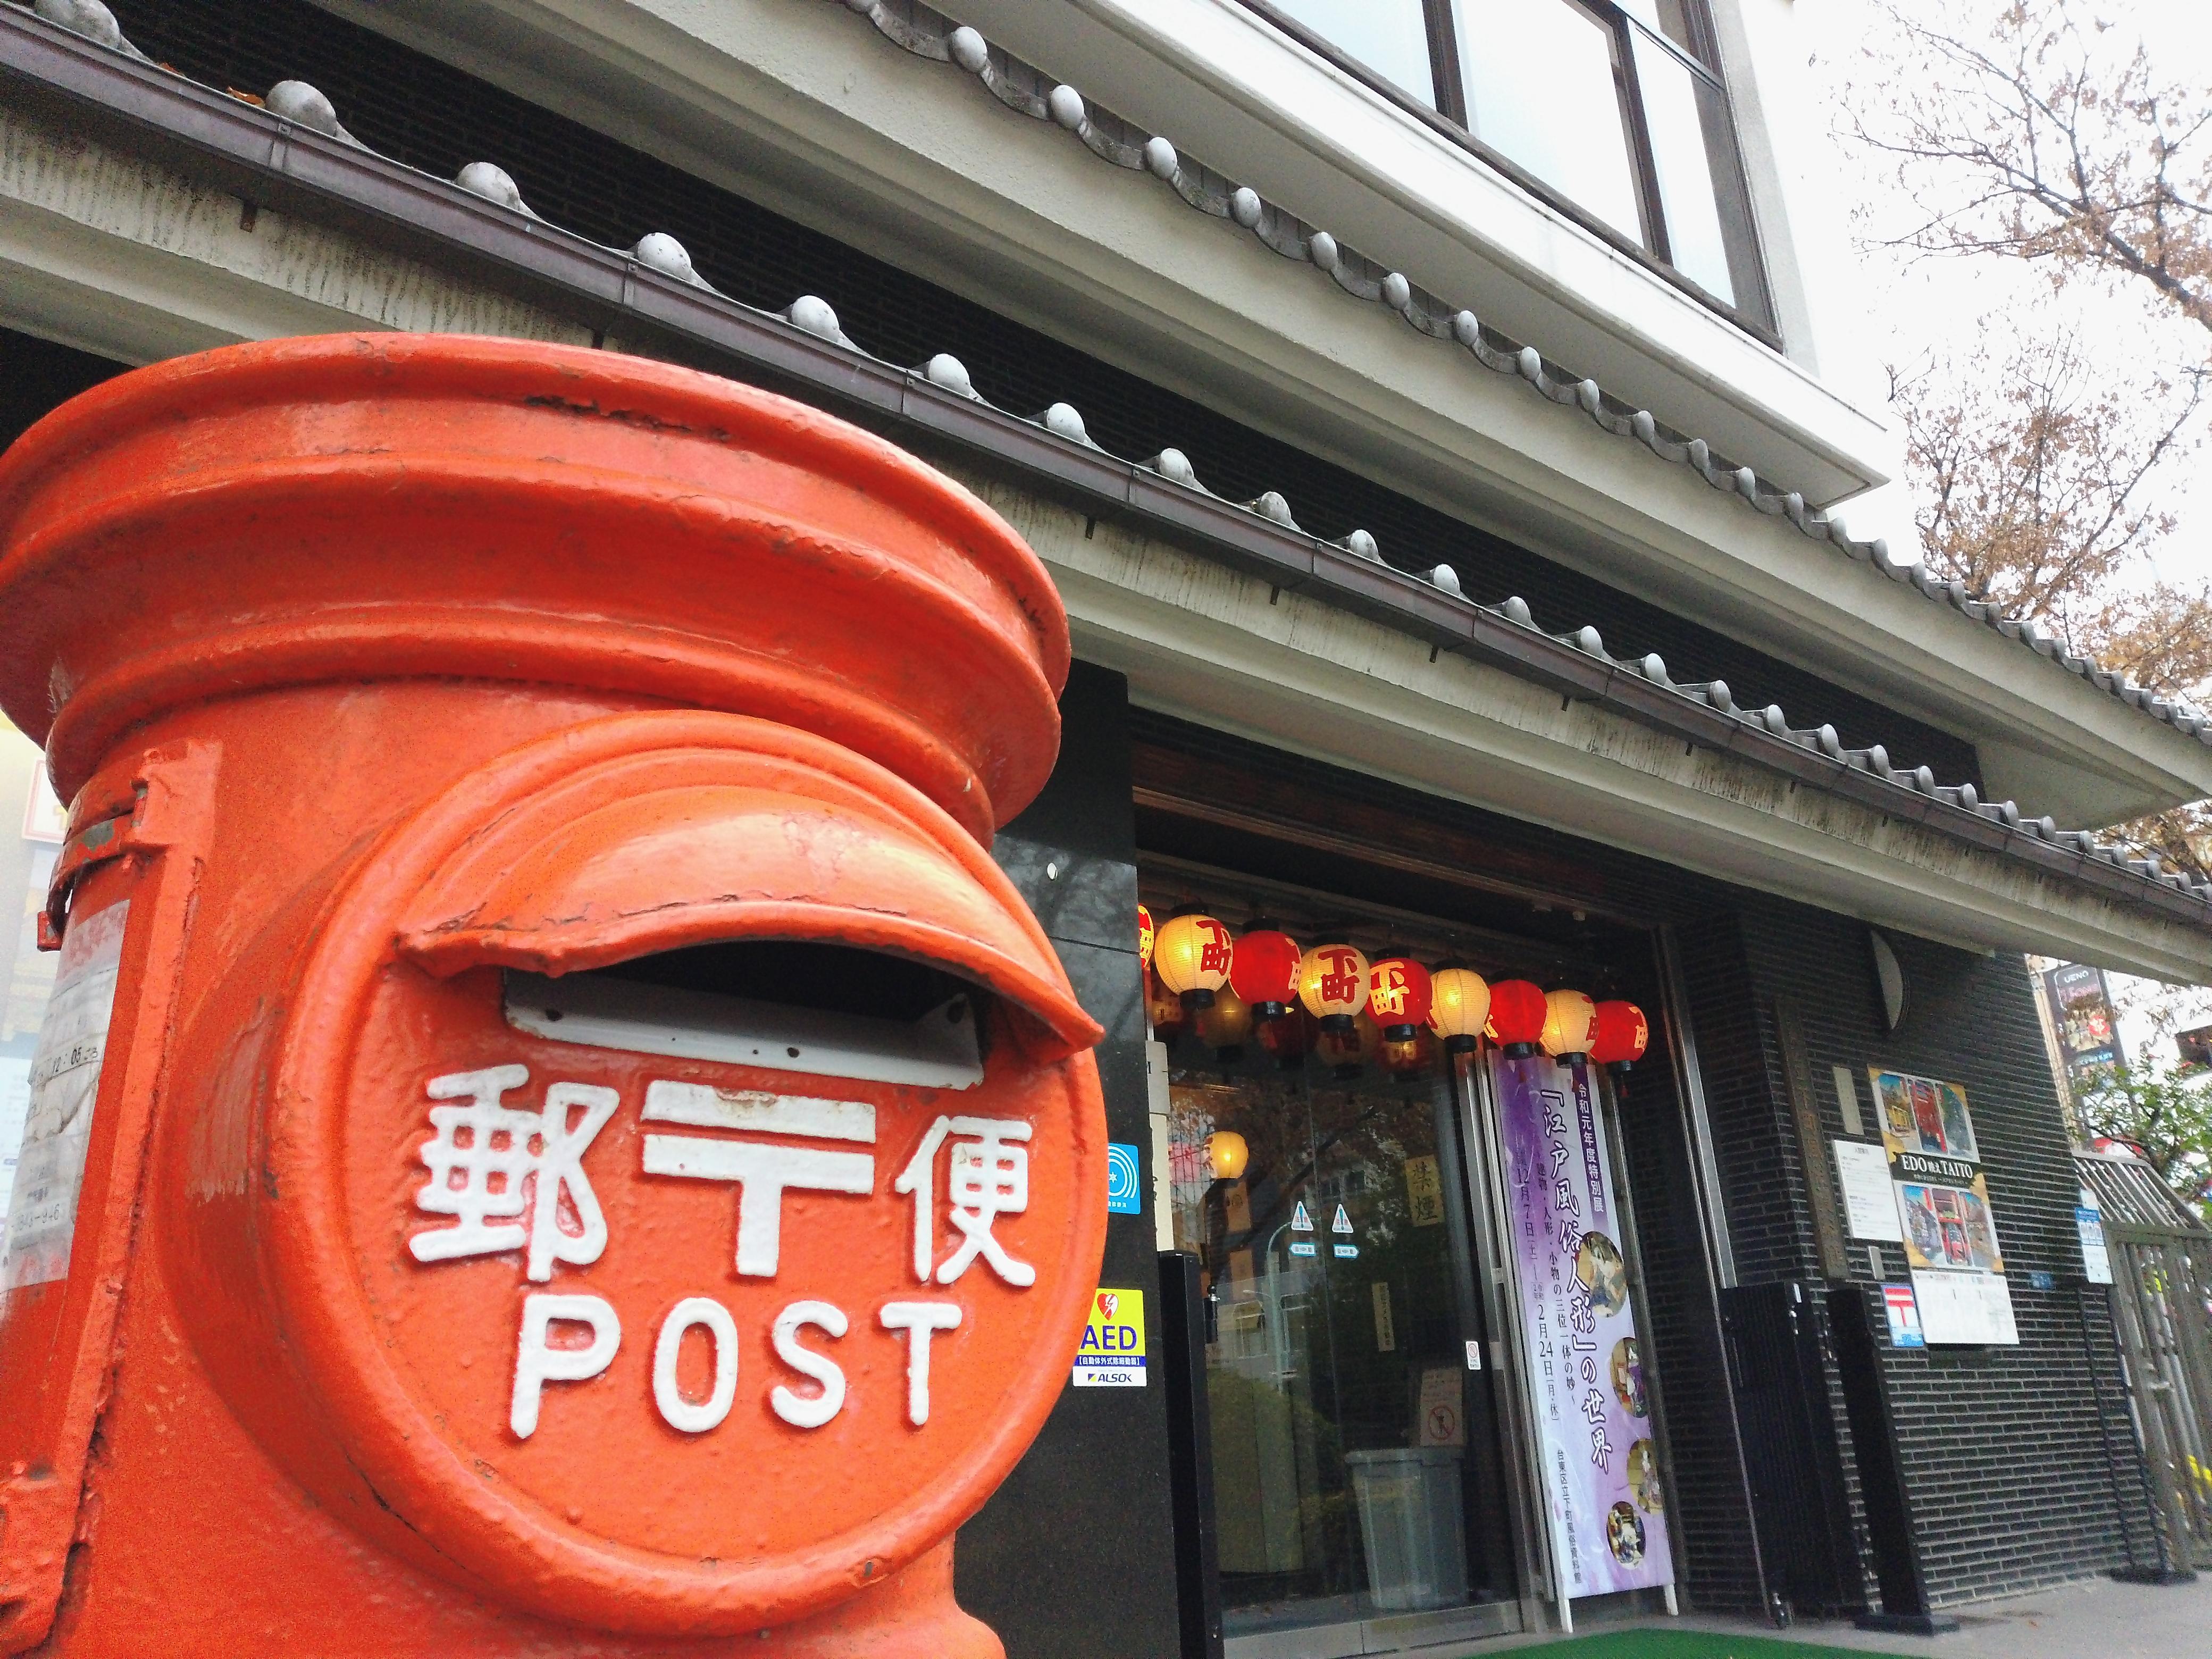 曇天だったが、郵便ポストの色も思ったよりしっかり出ている